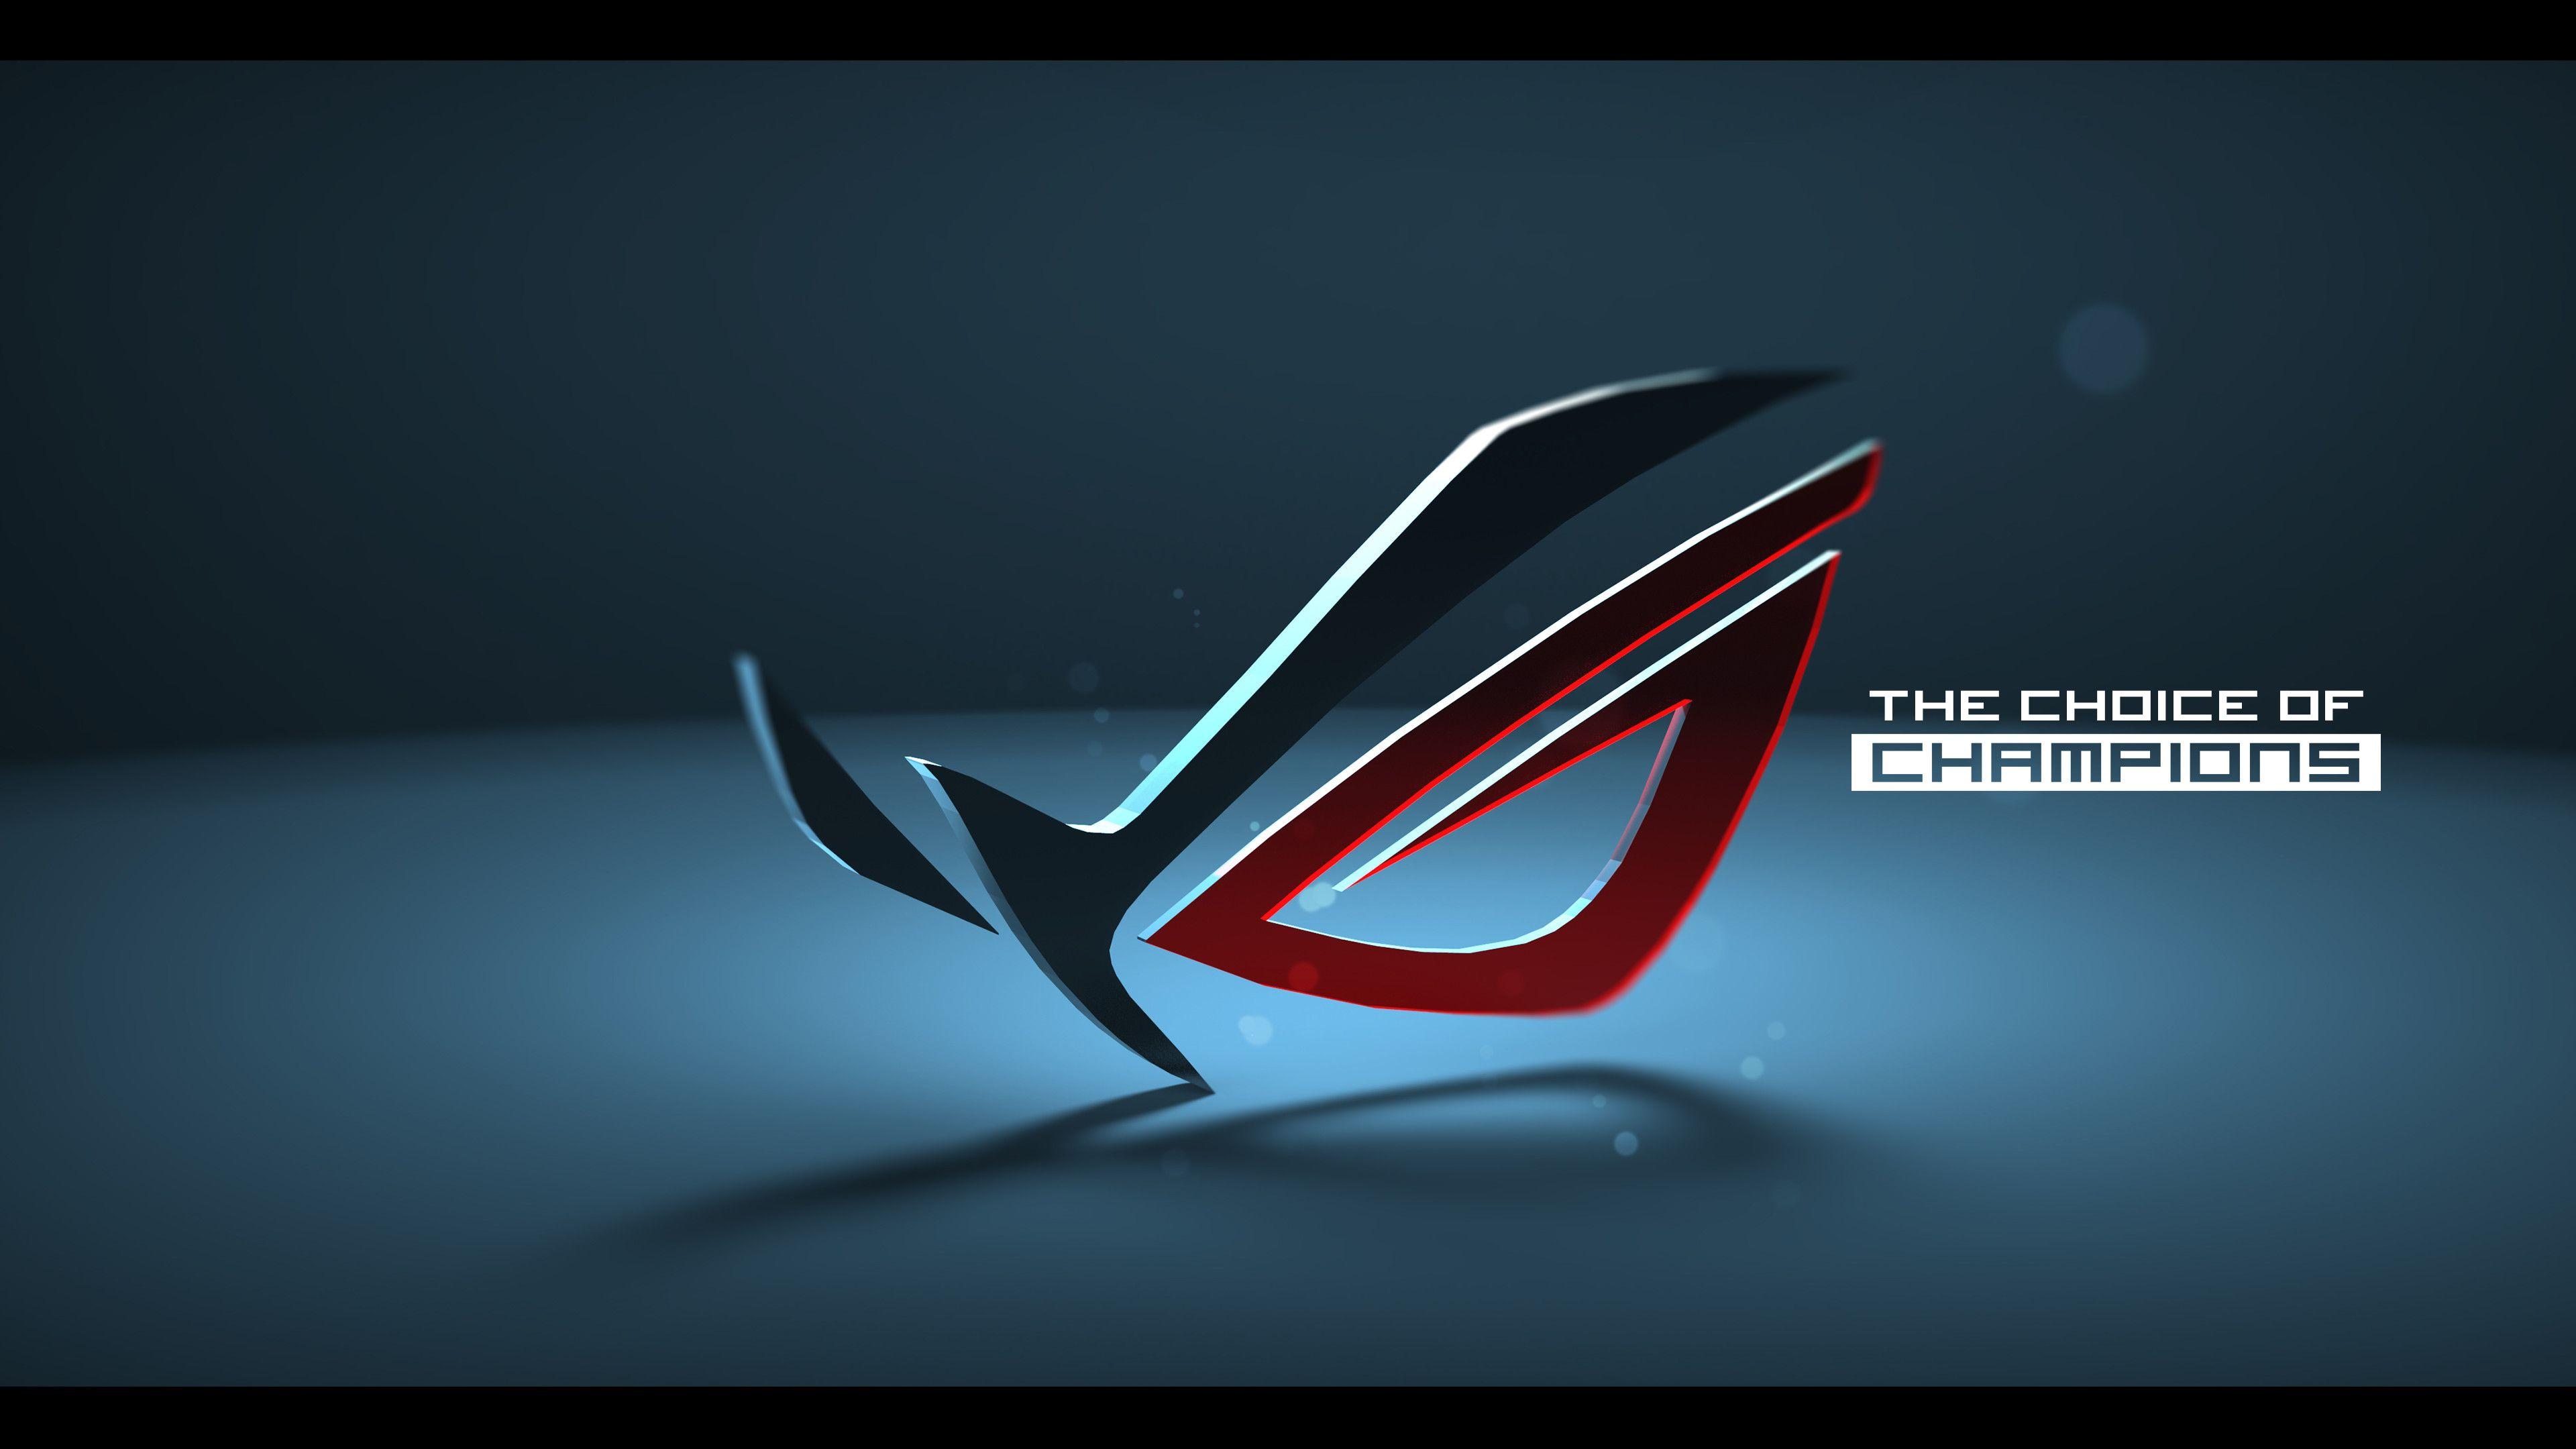 3840x2160 3d logo asus original 4k wallpaper ultra hd